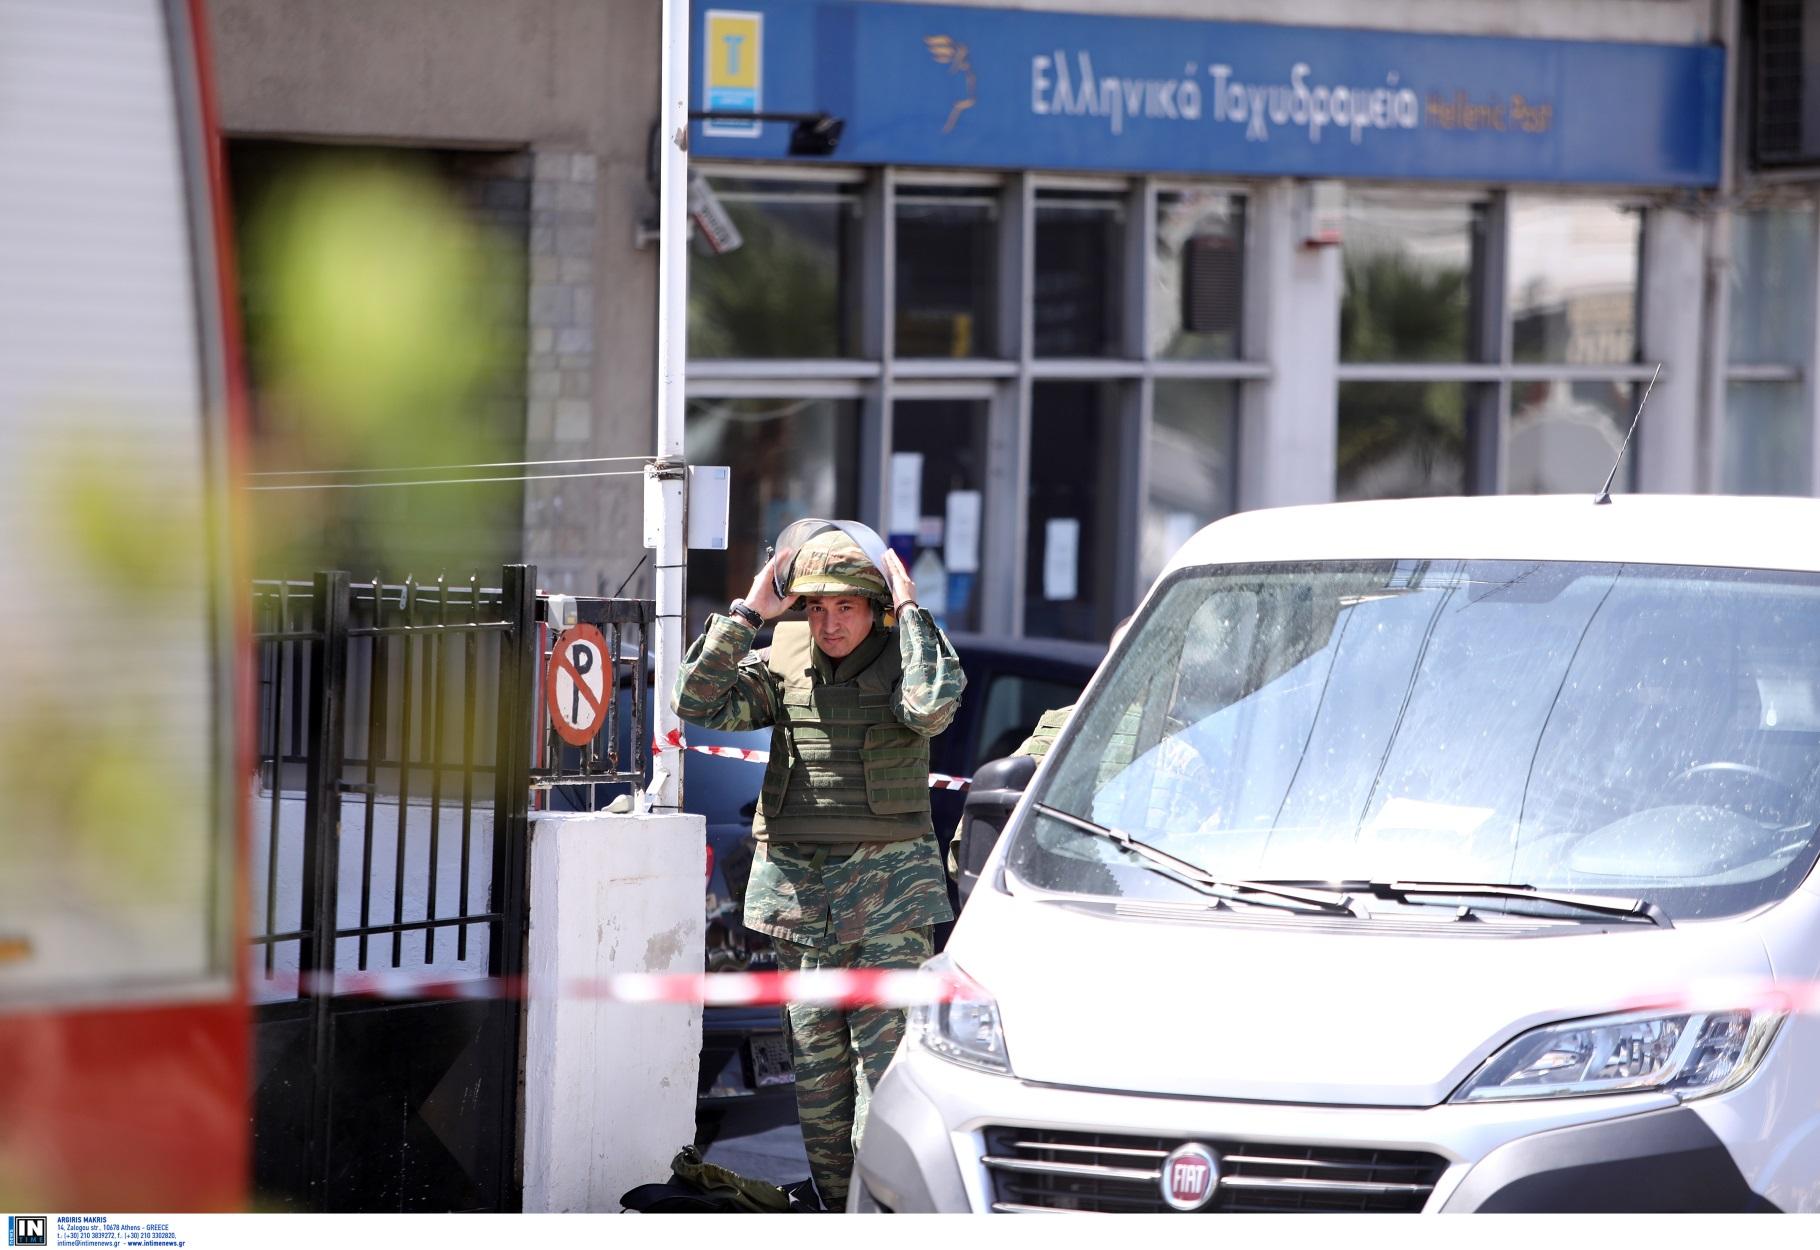 Κερατσίνι: Απομακρύνθηκε η χειροβομβίδα από το πλυντήριο αυτοκινήτων – Ήταν απασφαλισμένη (pics)